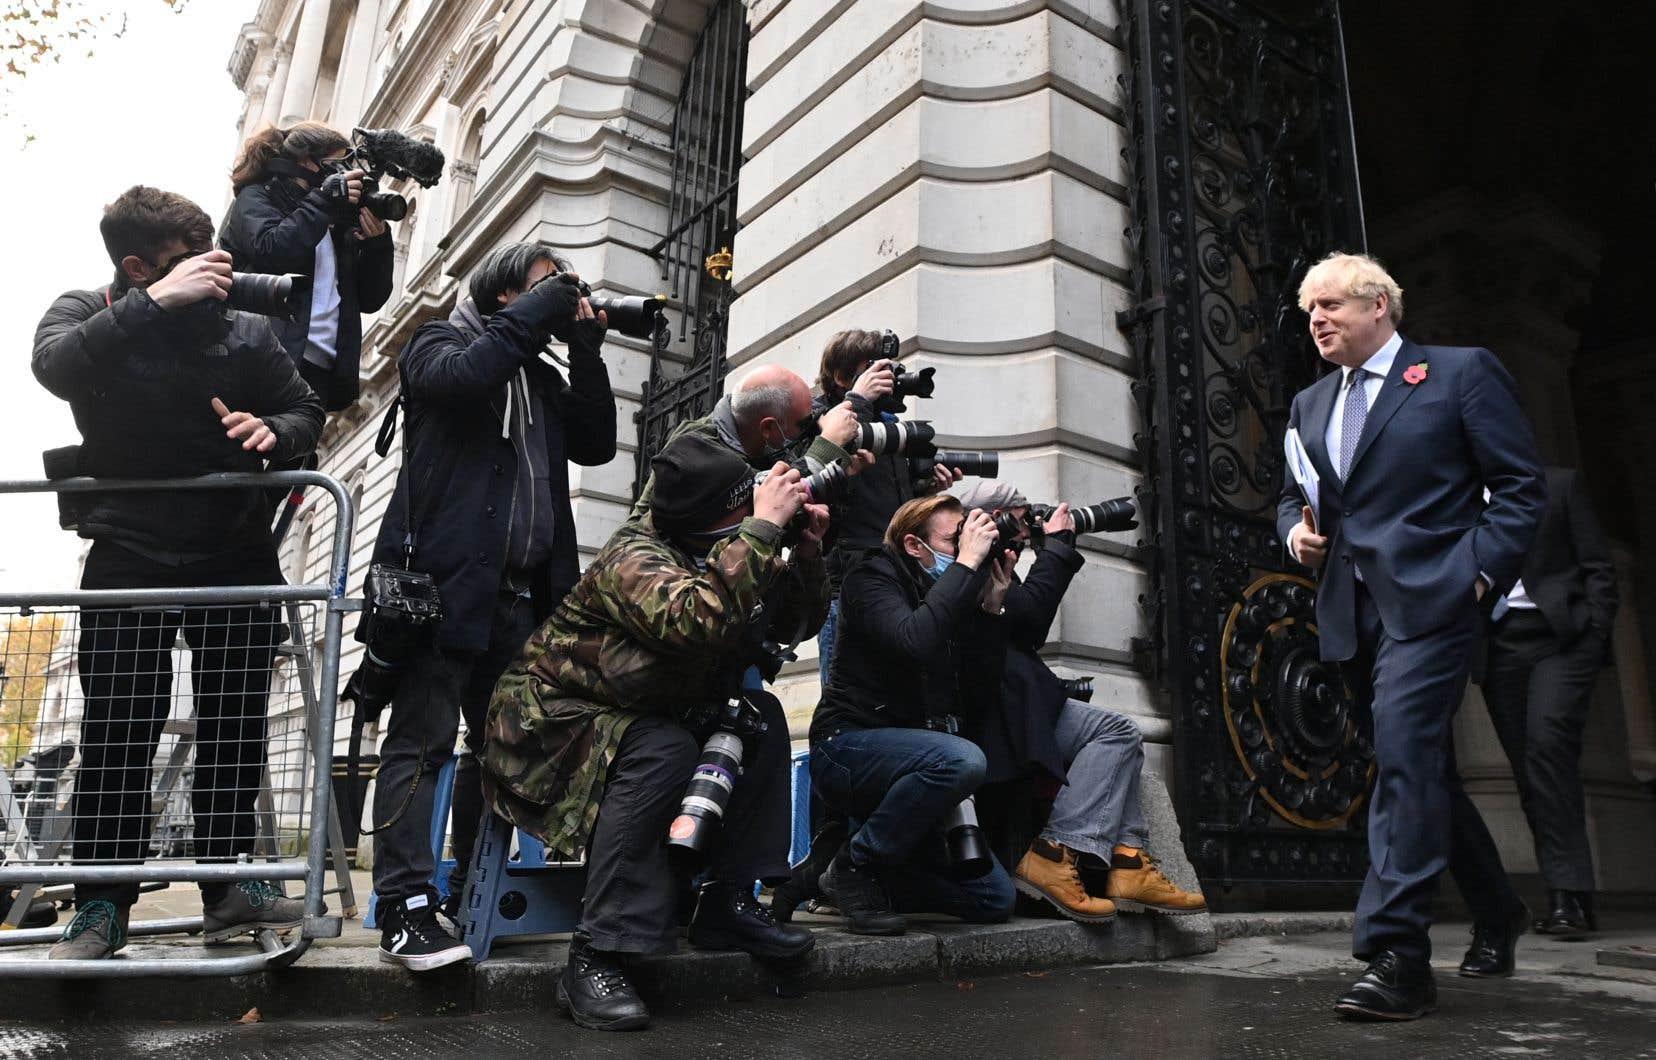 Le premier ministre Boris Johnson, photographié plus tôt cette semaine, a été mis en isolement dimanche soir, après avoir été en contact avec un député déclaré positif à la COVID-19.